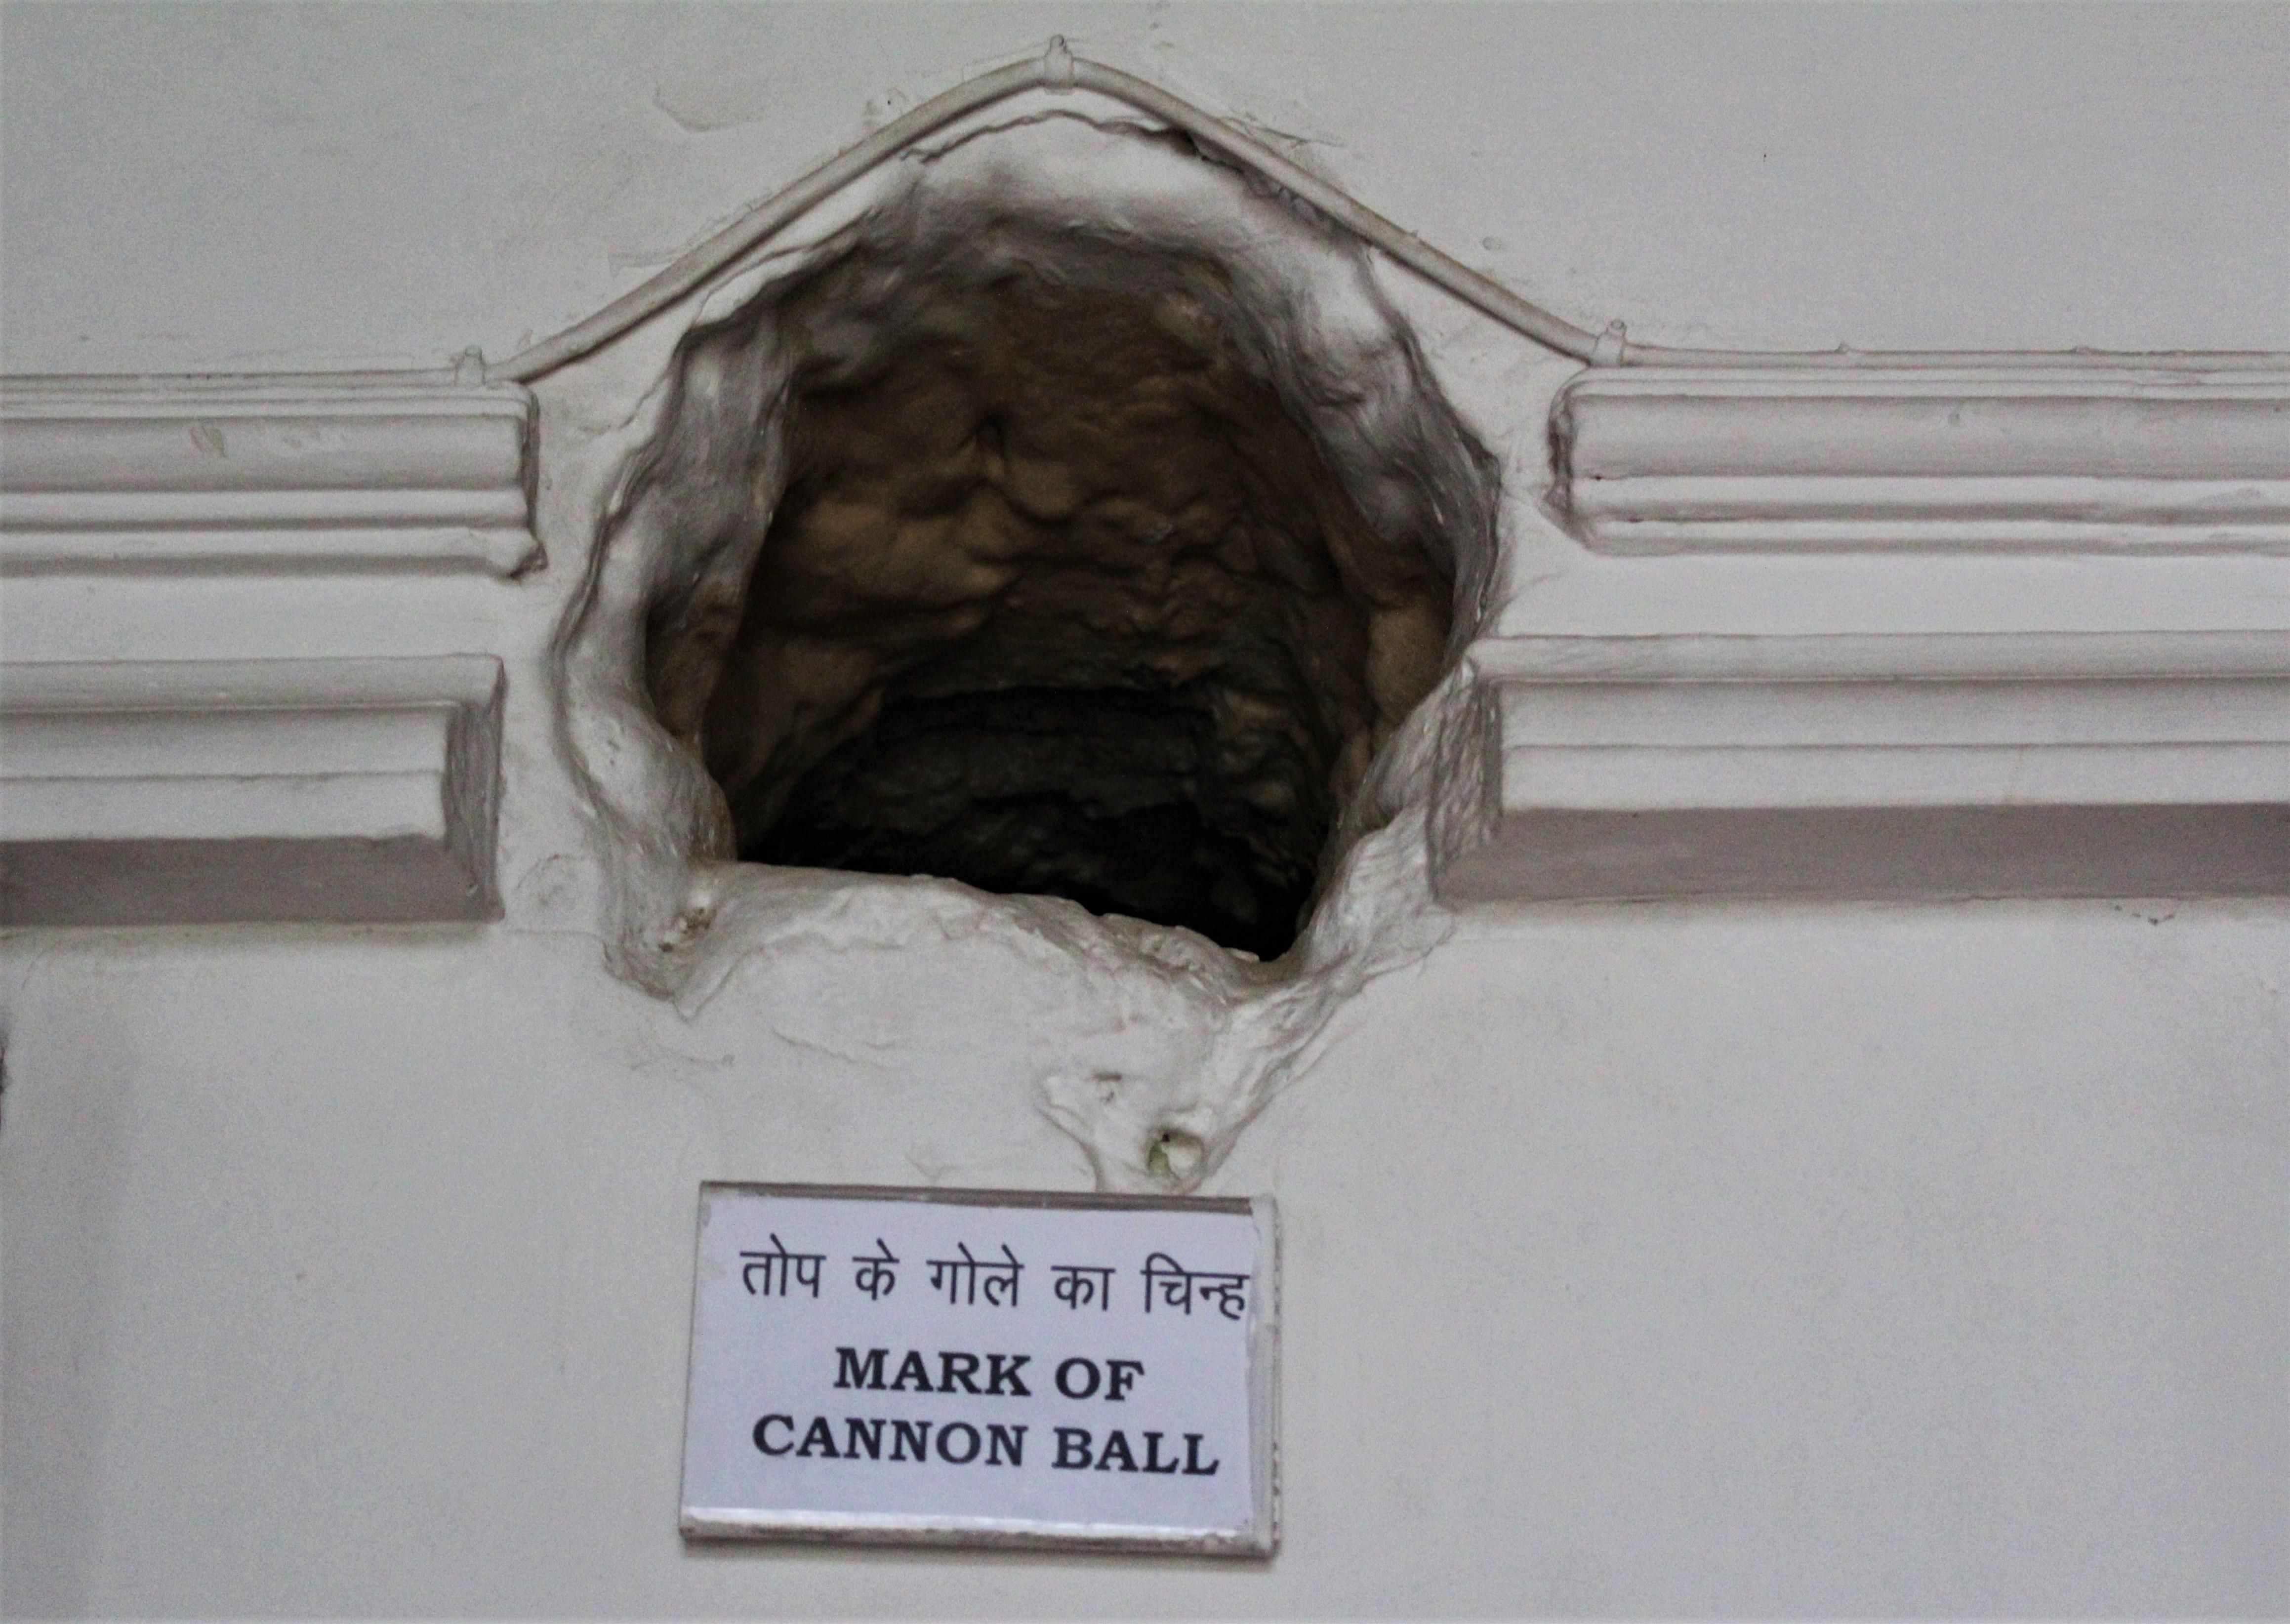 Cannon Ball Mark